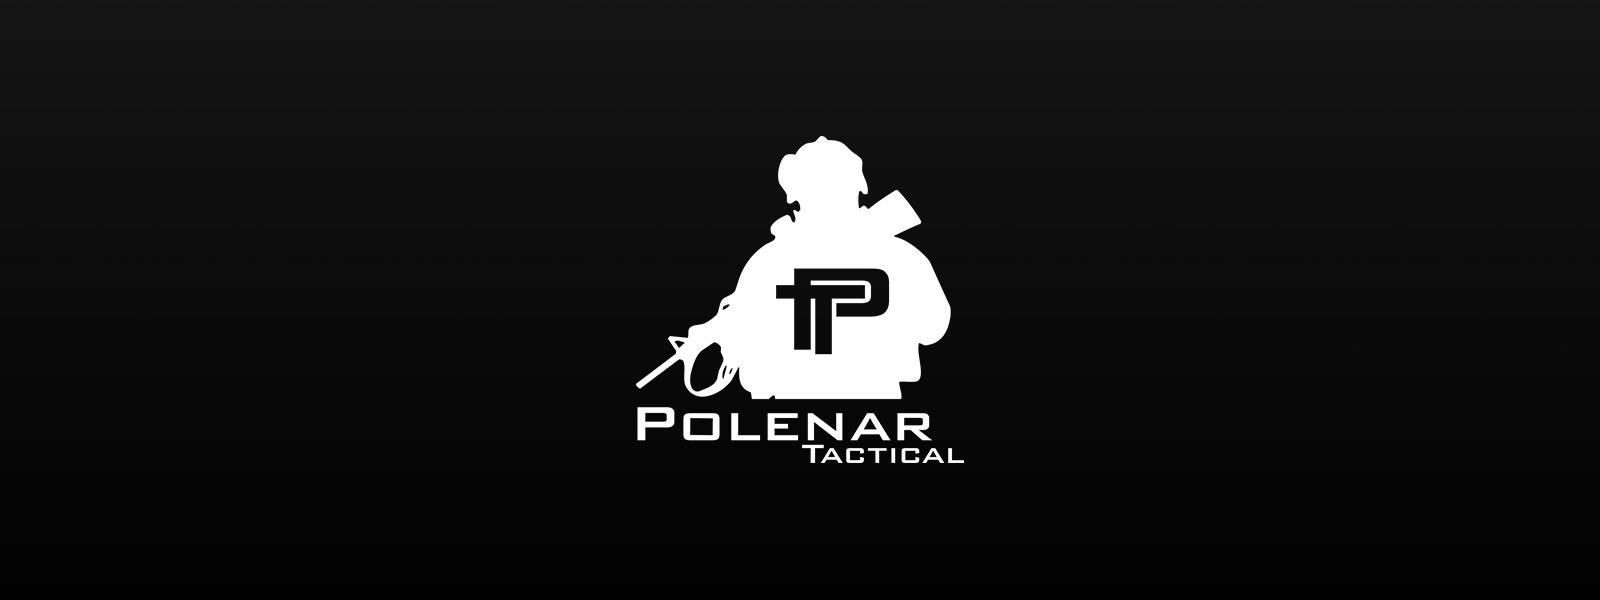 Meet & Greet: Polenar Tactical on 5th of April 2019